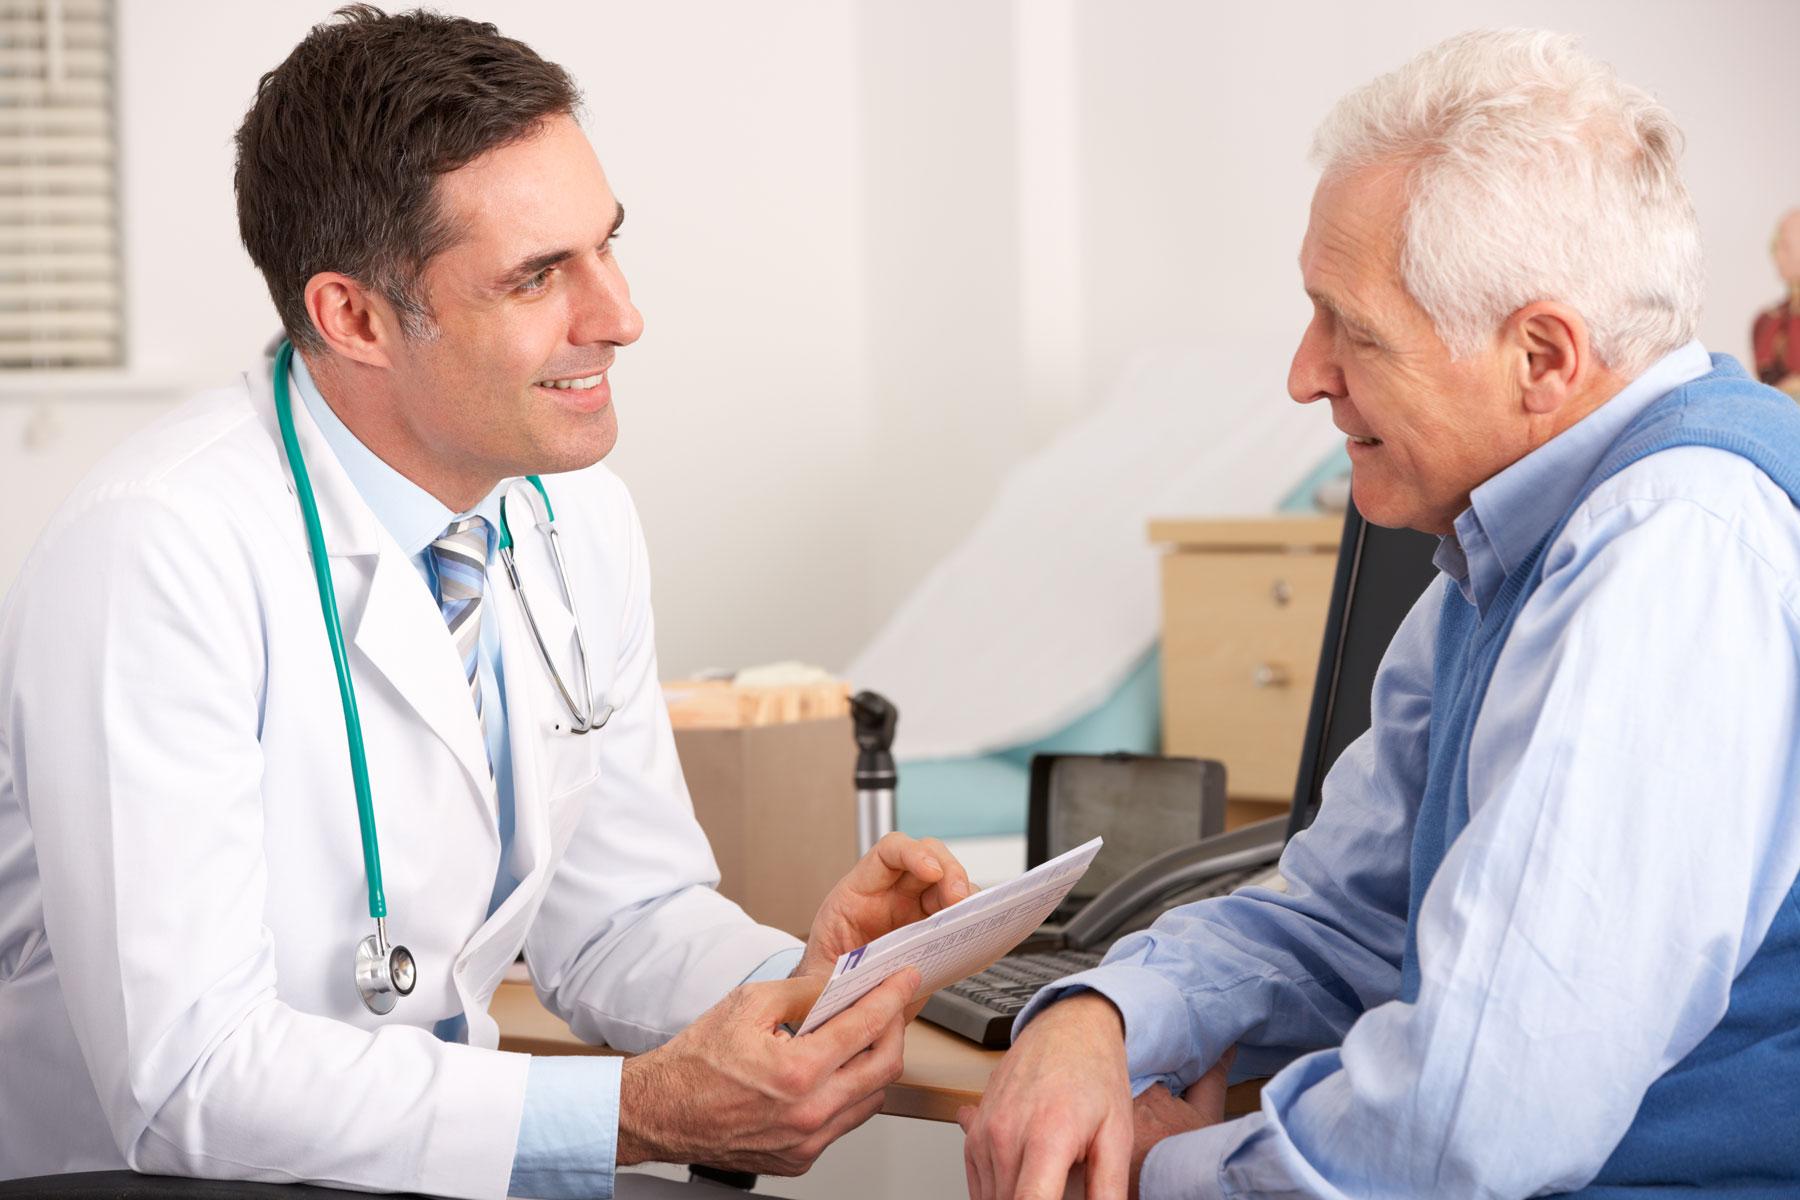 kolonoskopija pregled beograd